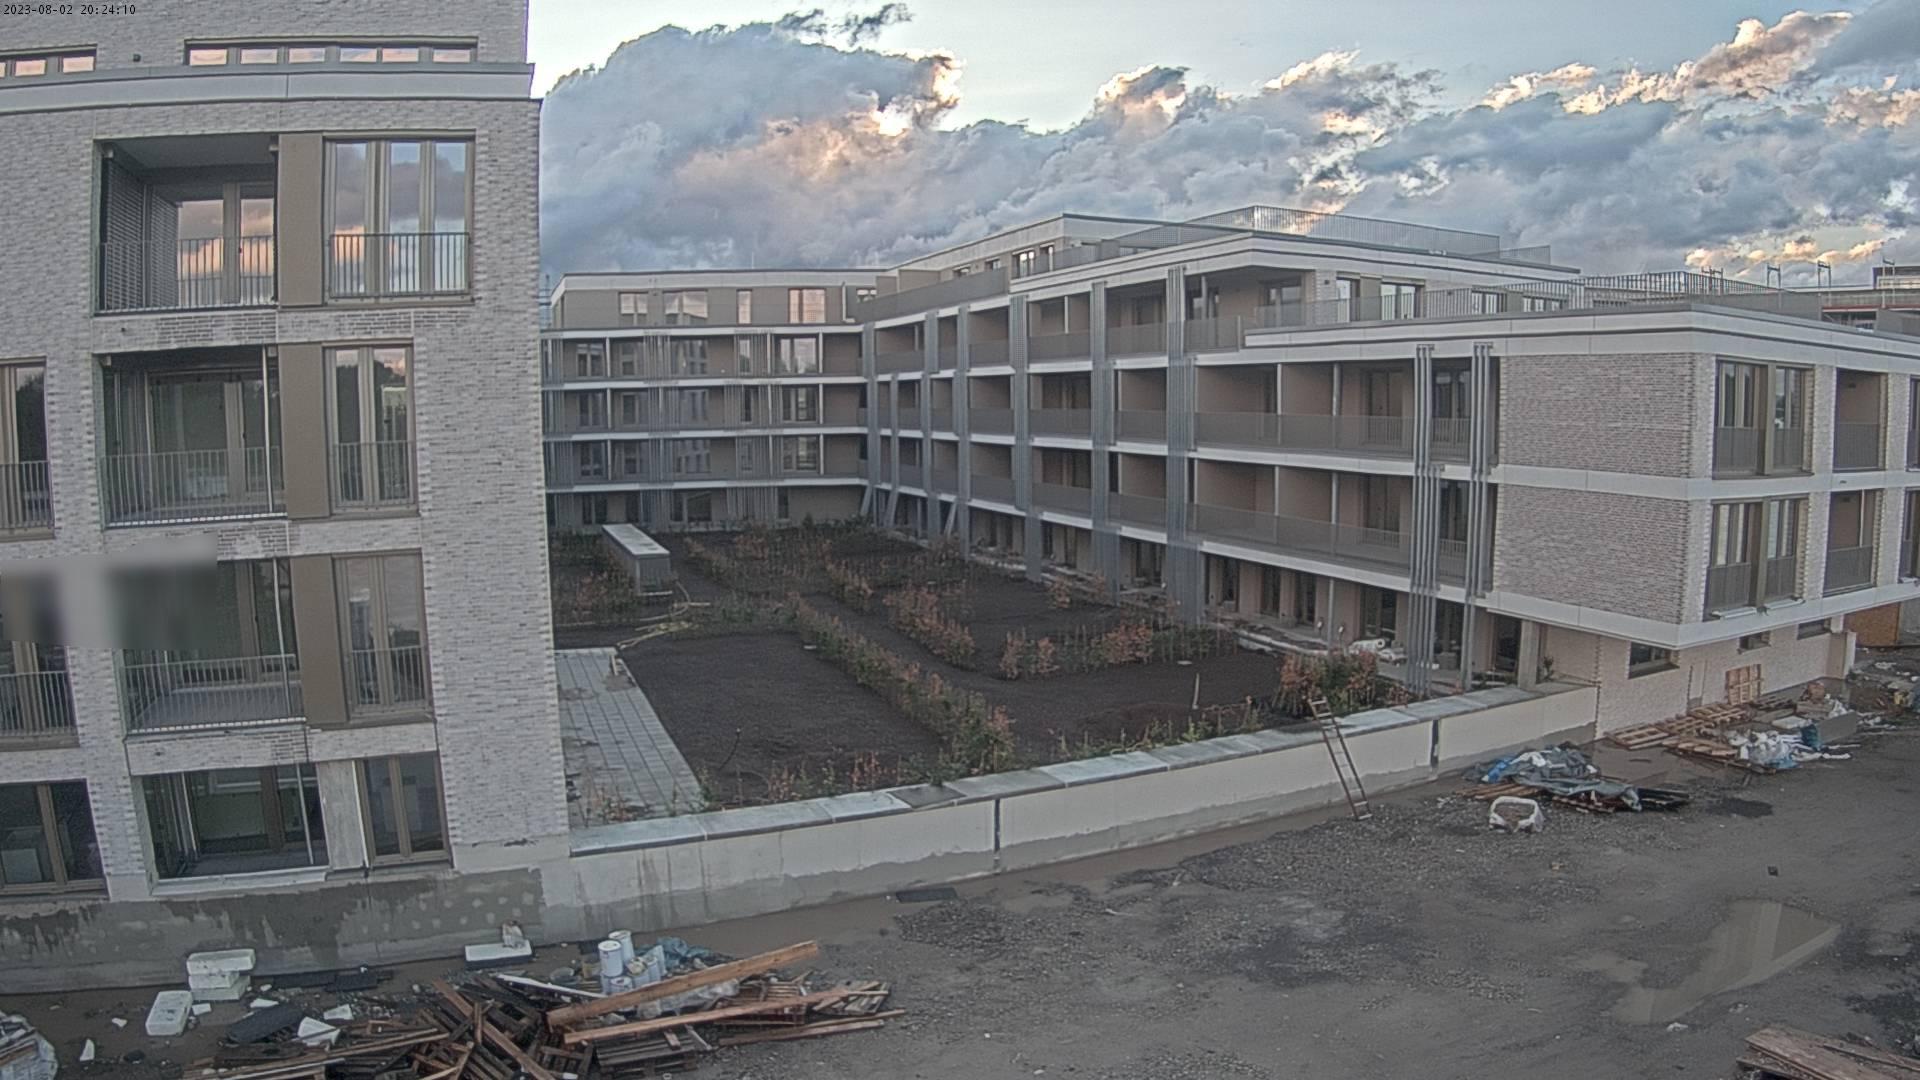 Webcam - Bauprojekt Speyer AM FLUSS